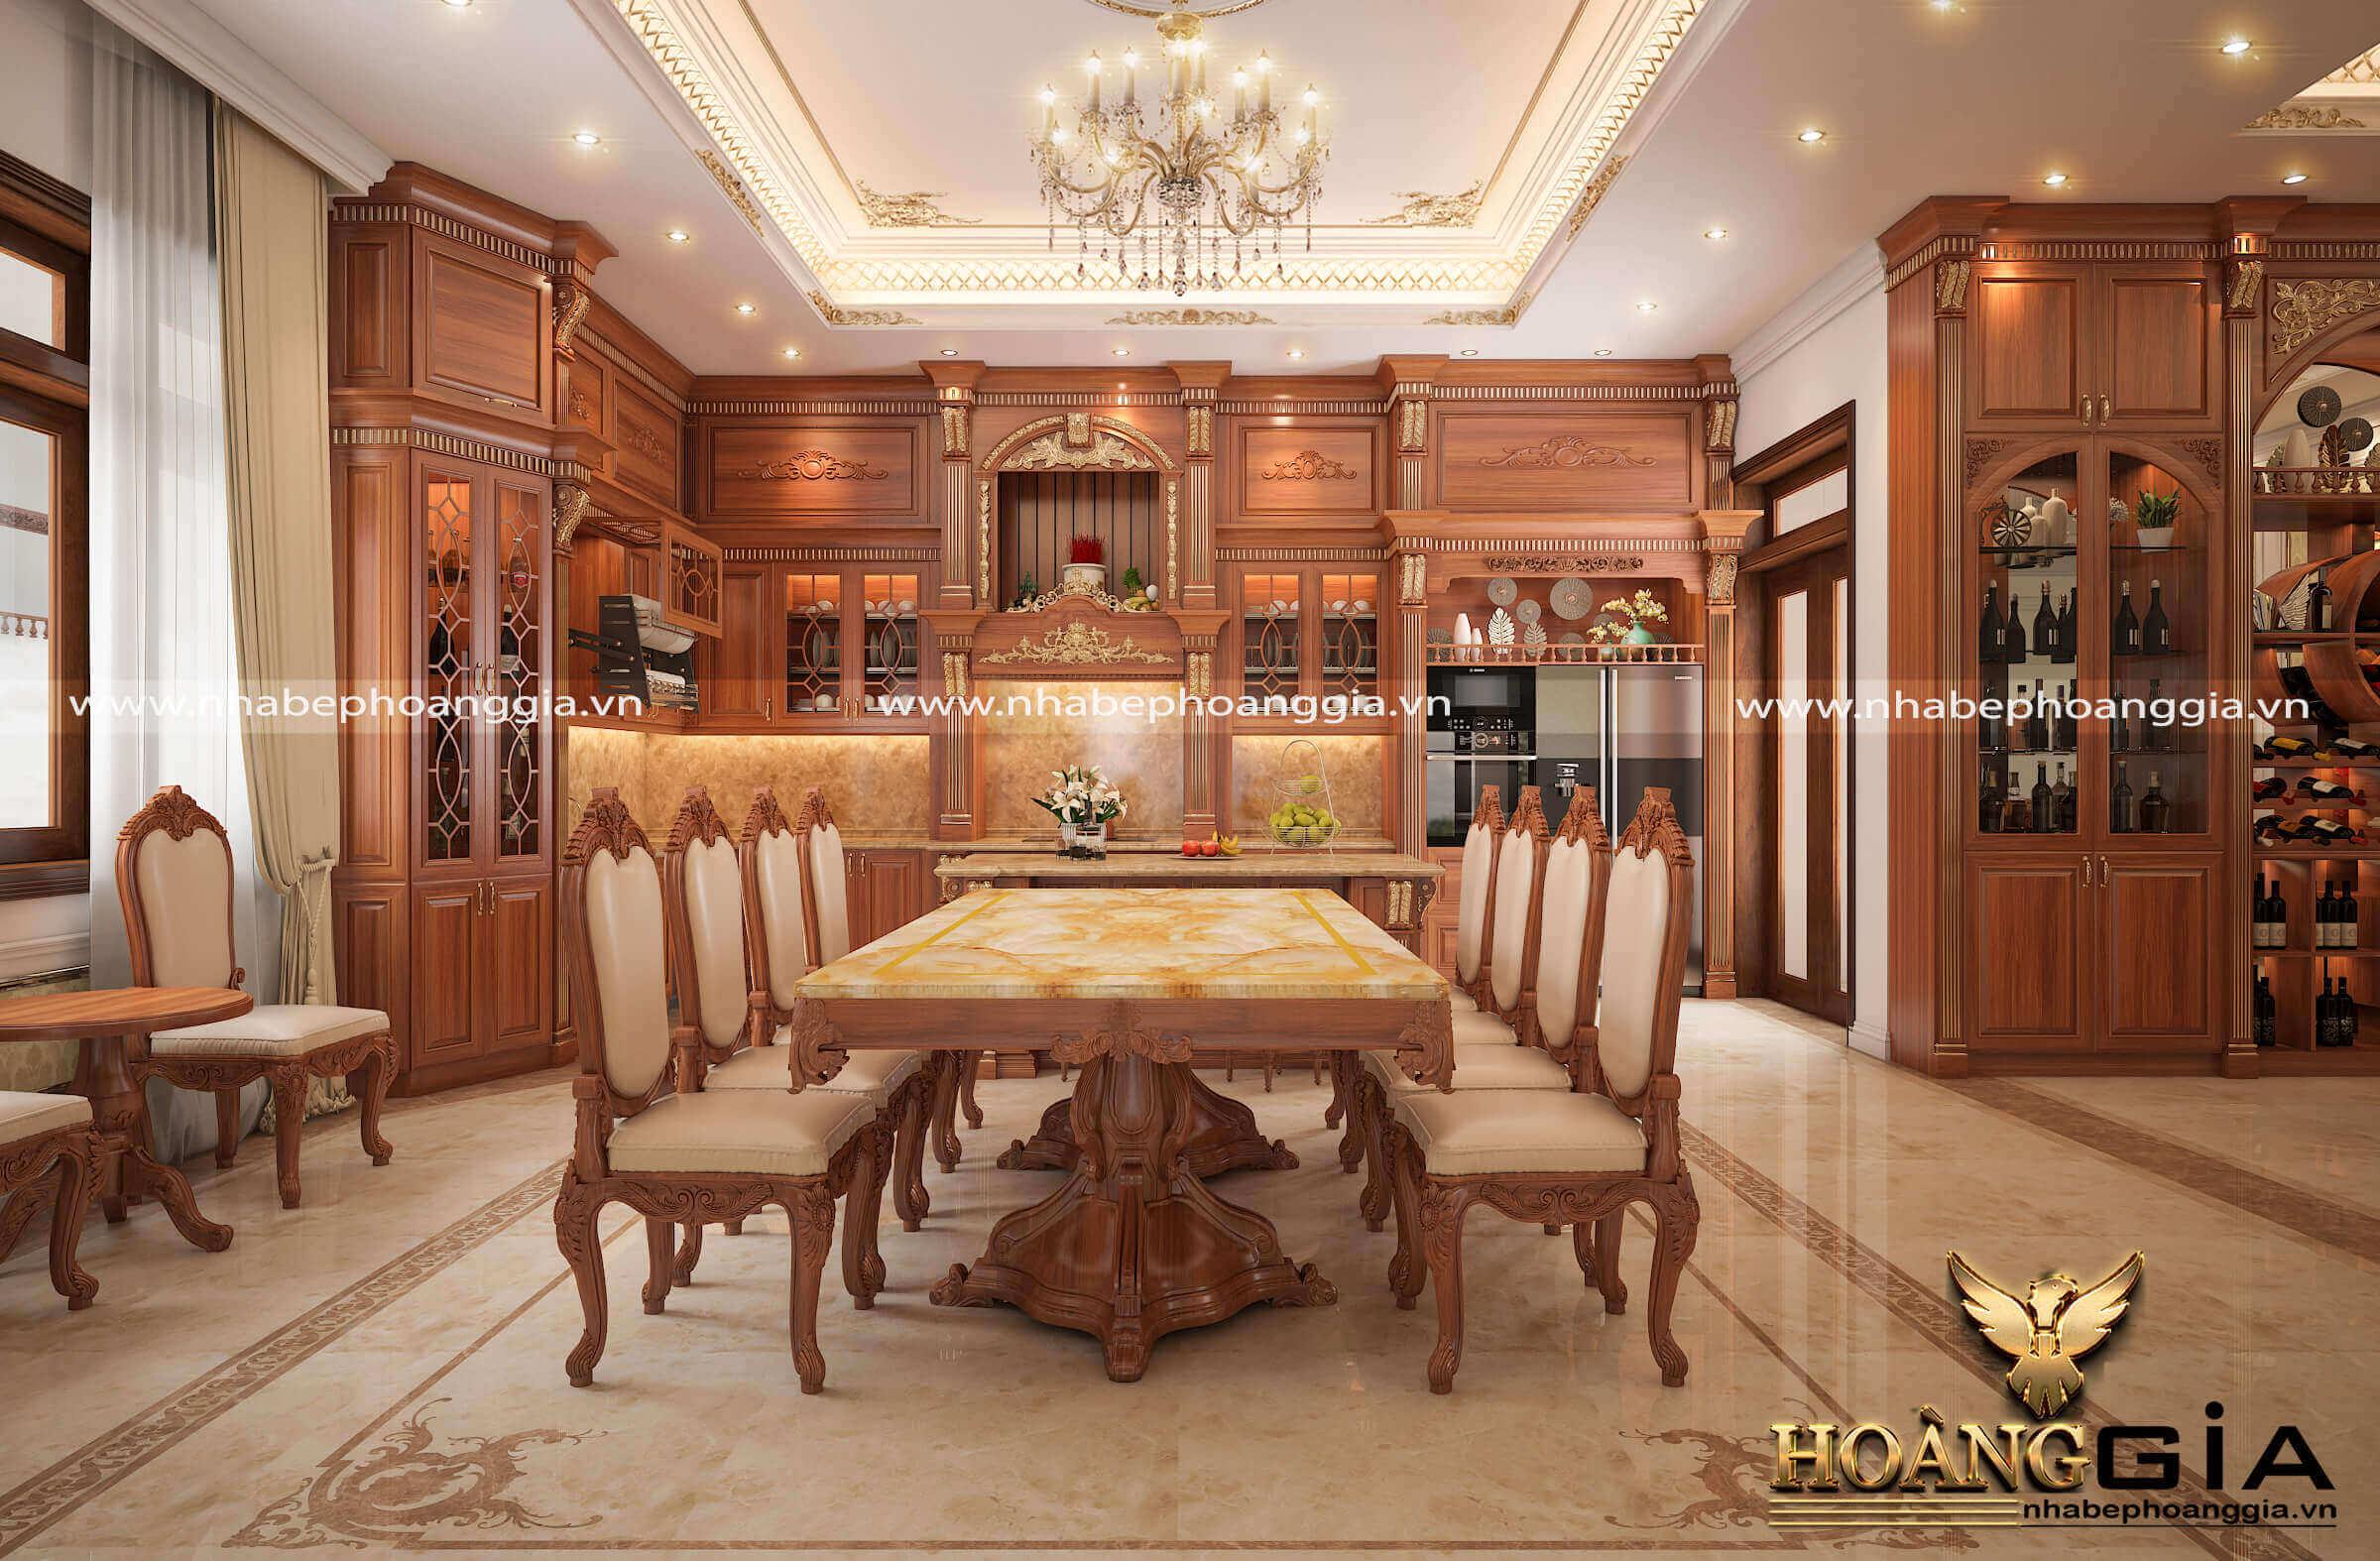 ánh sáng cho nhà bếp